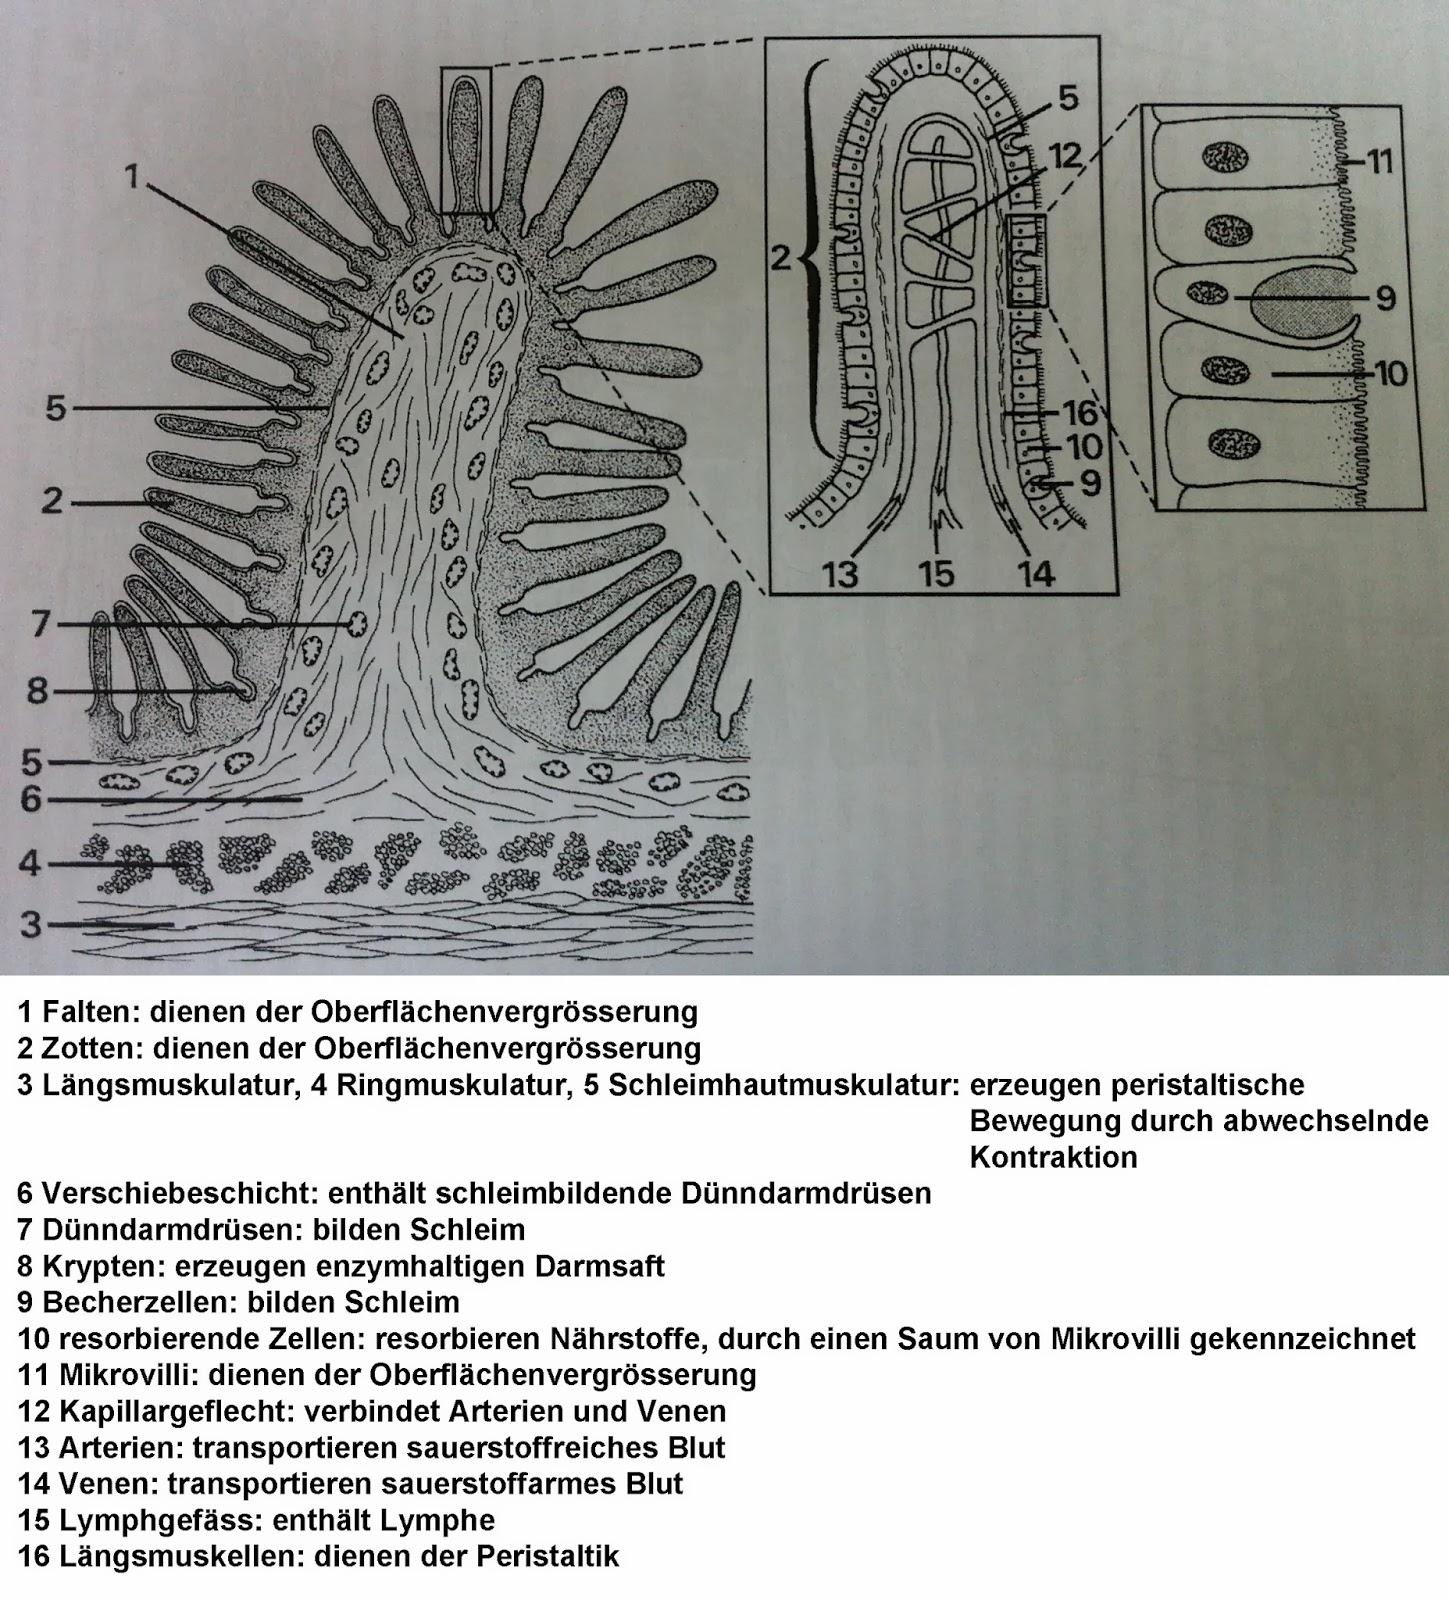 Auftrag 8: Mikroskopisches Präparat des Dünndarms | Darm & Co.